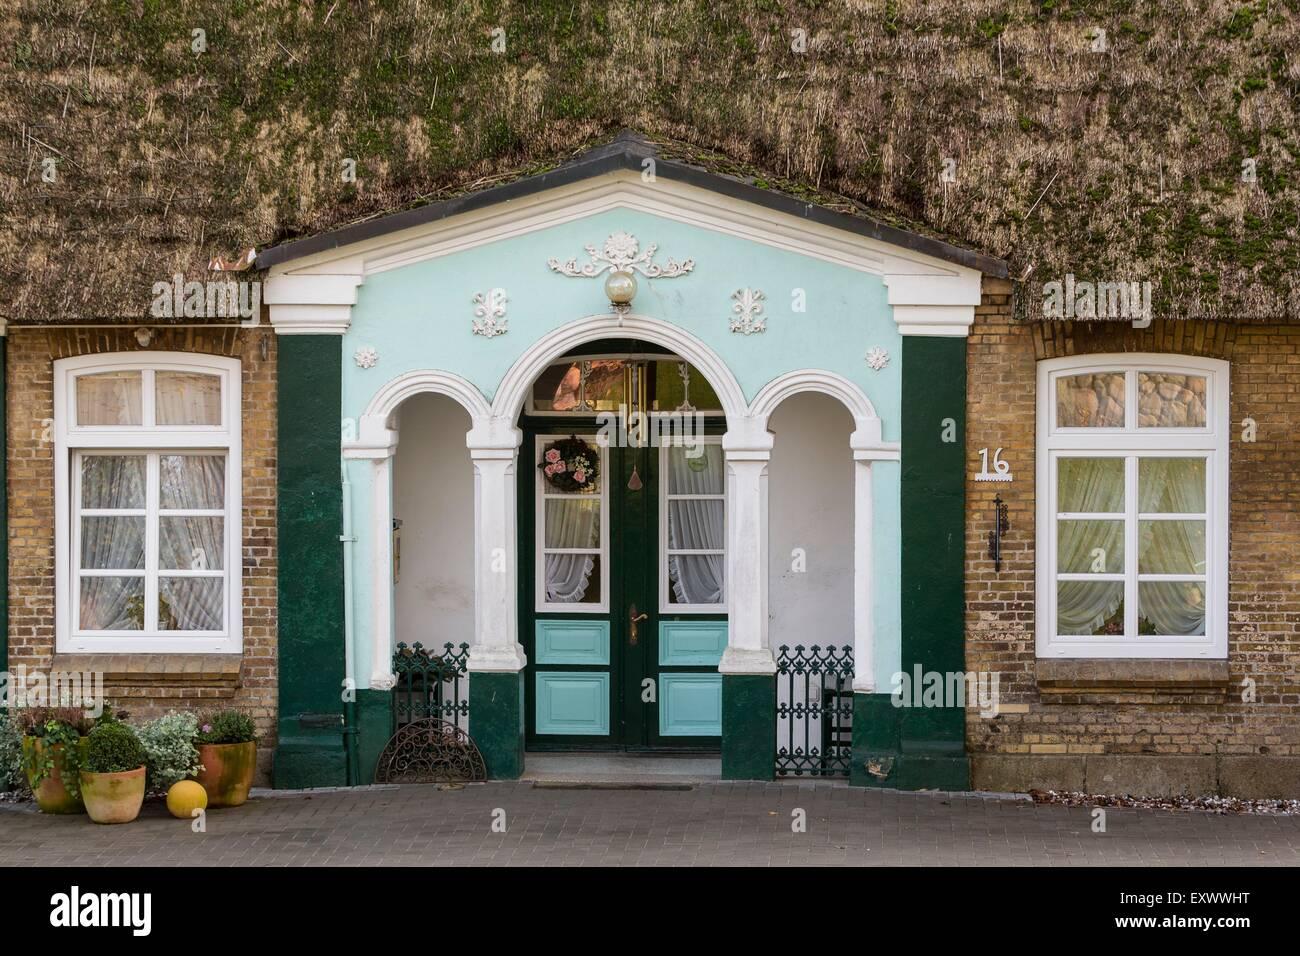 Tür von einem strohgedeckten Haus, Klein Wittensee, Schleswig-Holstein, Deutschland, Europa Stockbild